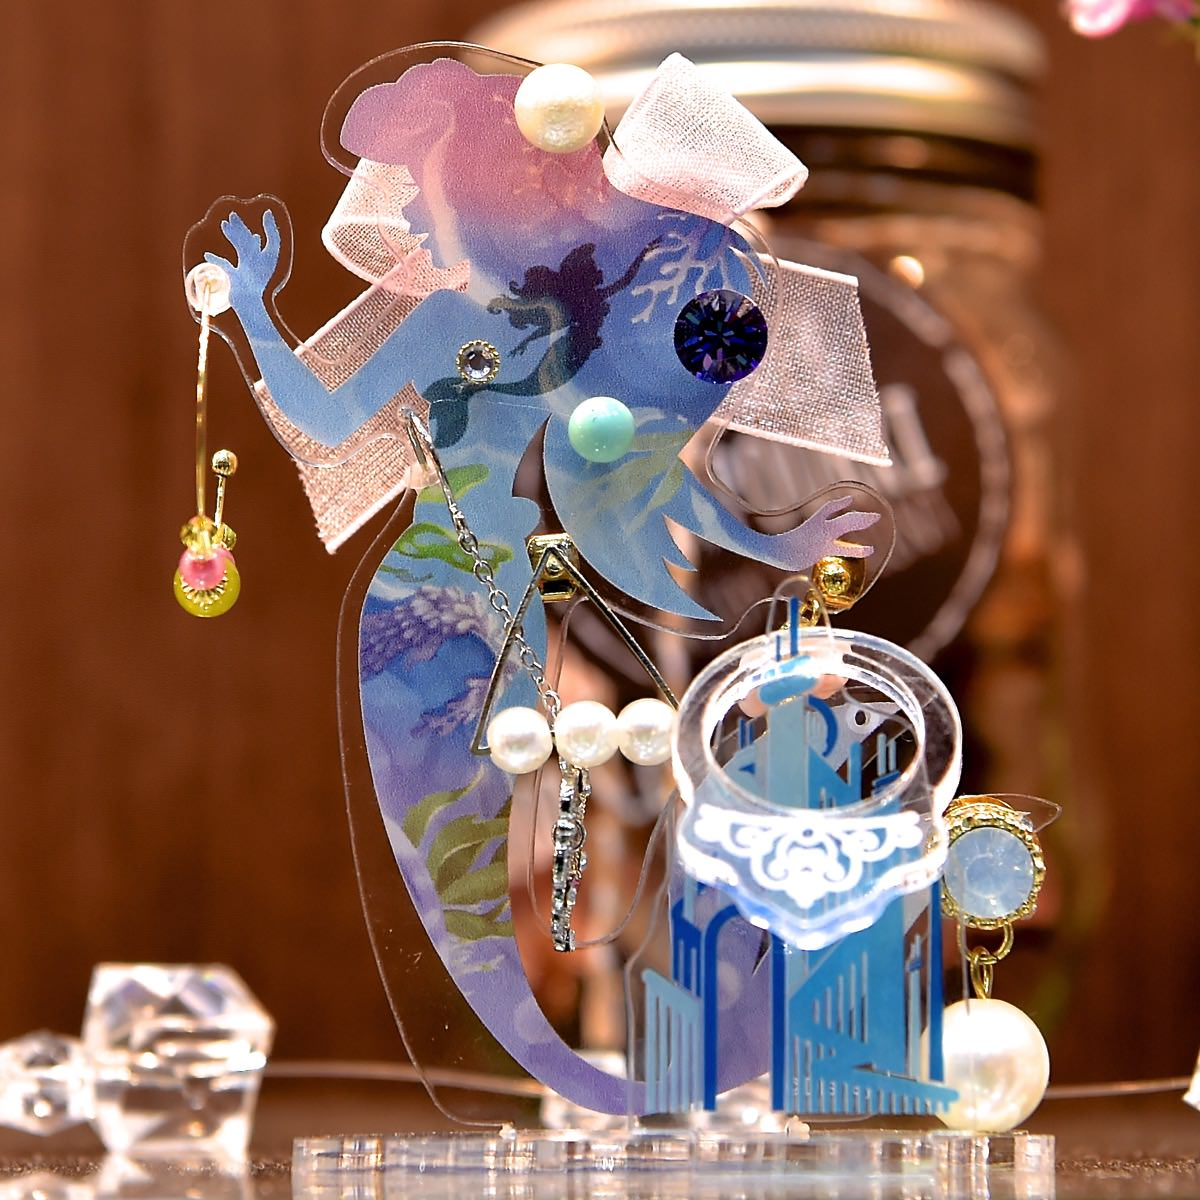   ディズニープリンセスのお洒落なアクセサリースタンド☆テンヨー「キラクリコレクション」発売